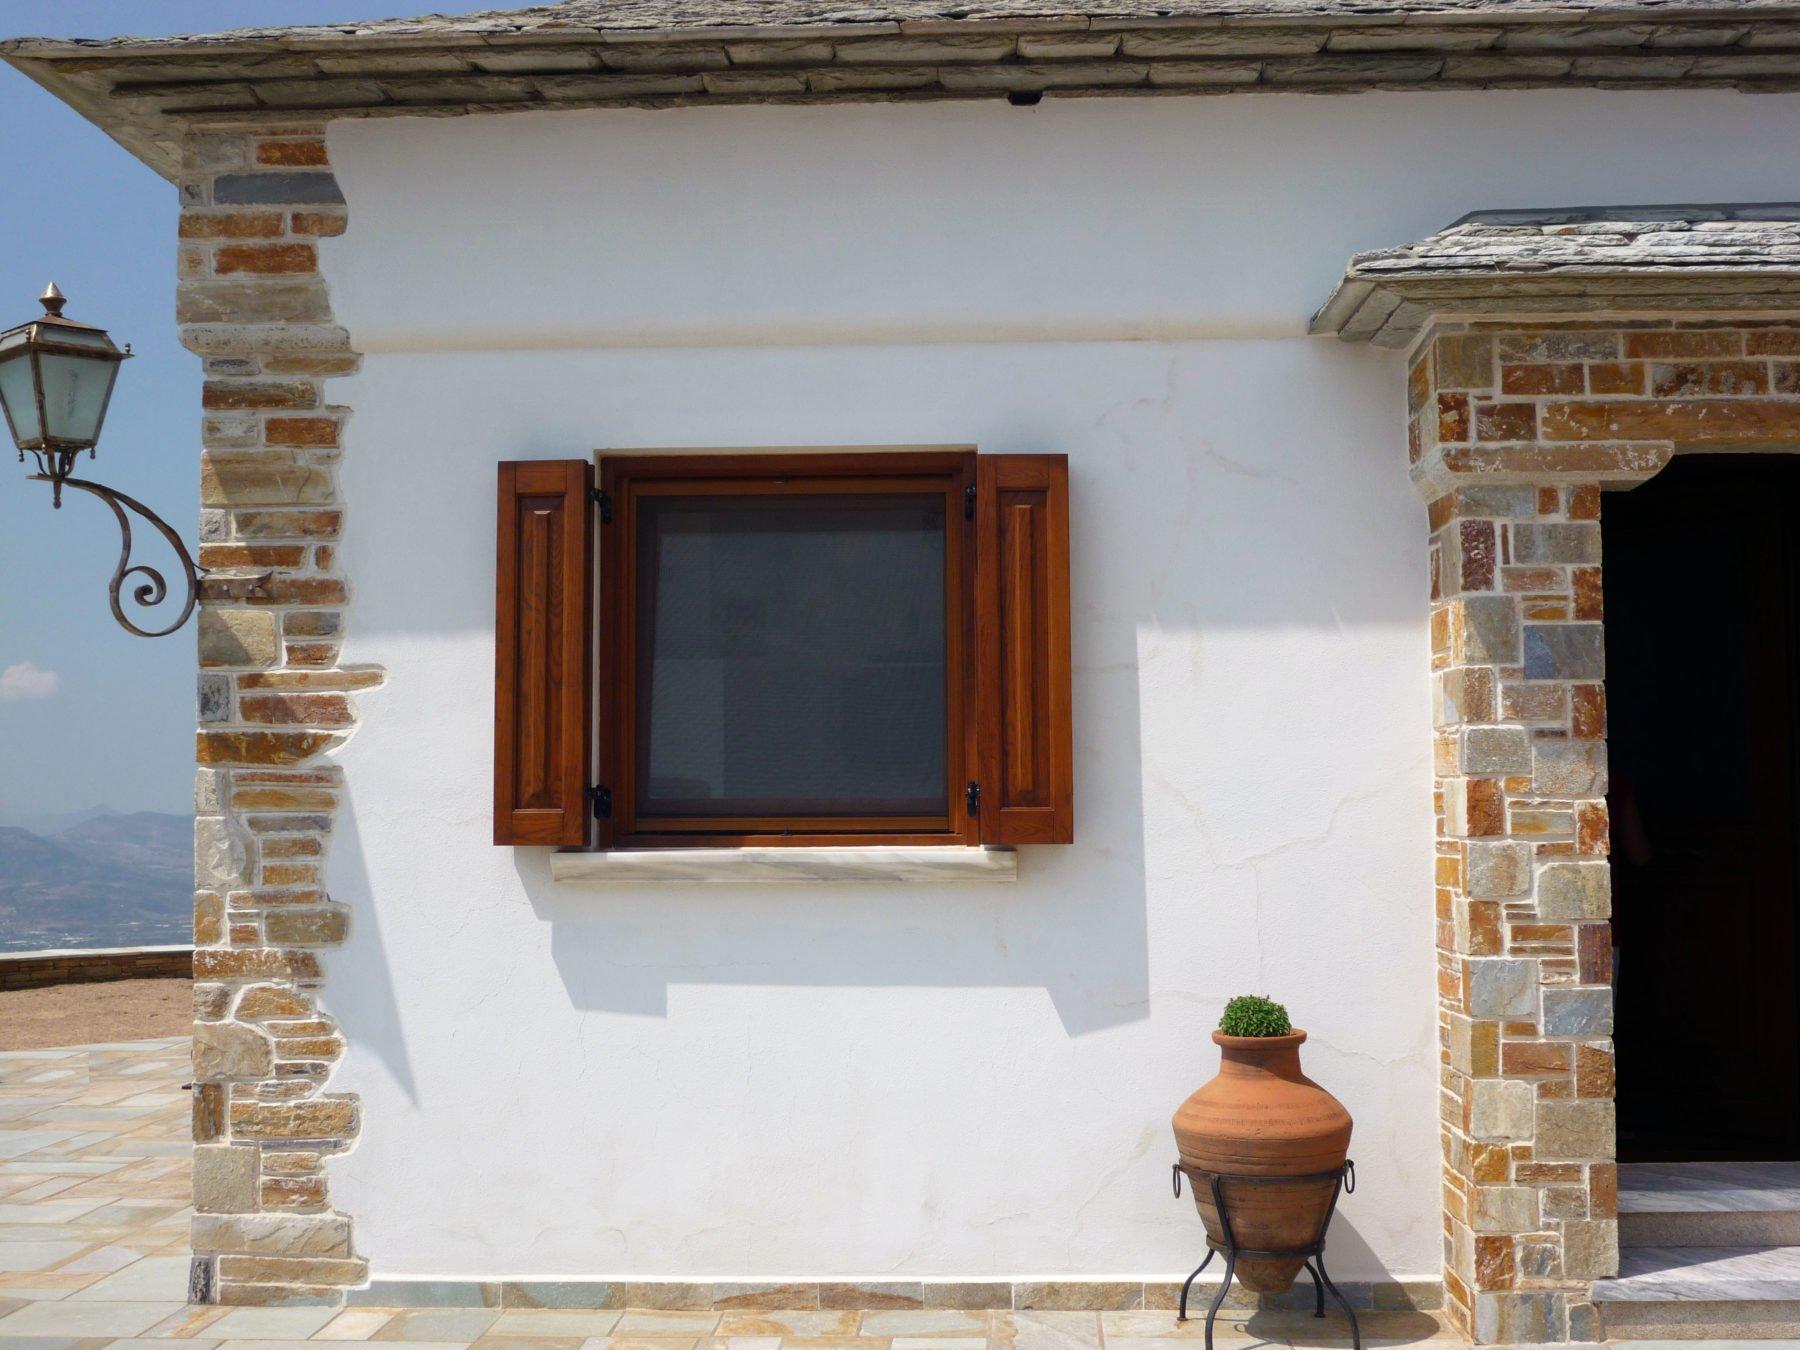 παράθυρο σε ανάκλιση με σίτα και τετράφυλλο παντζούρι